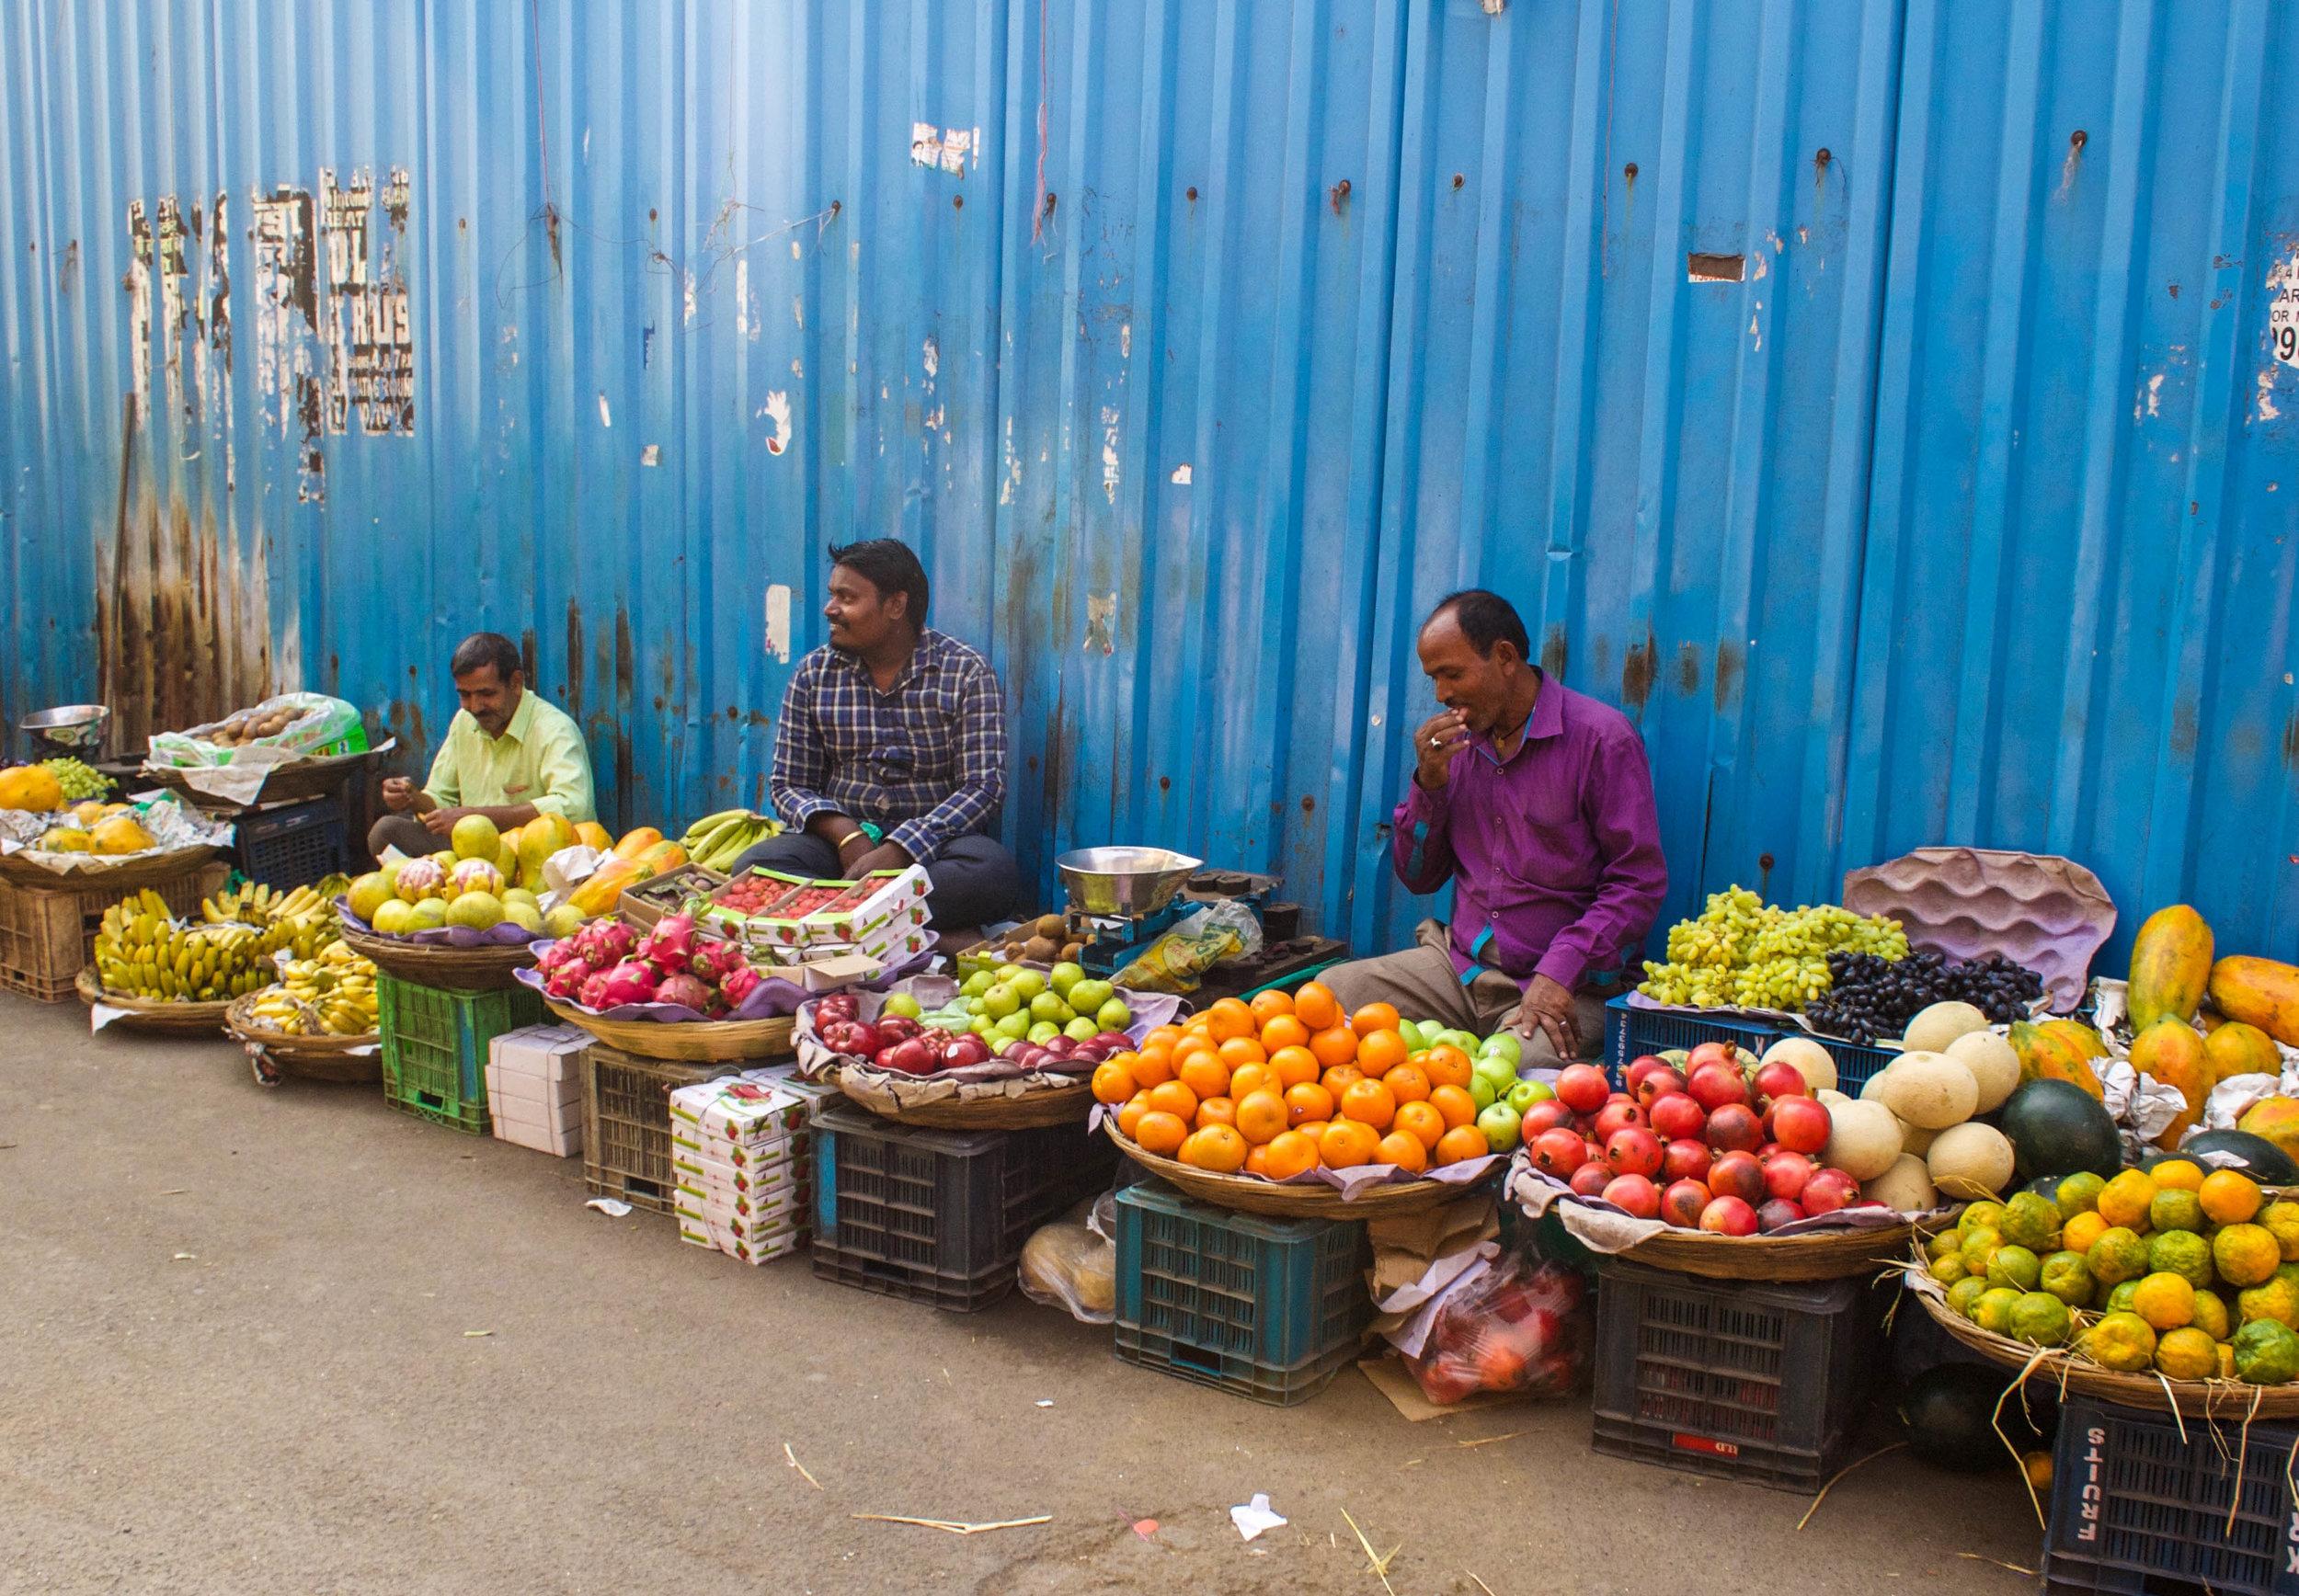 fruit-sellers-mumbai.jpg